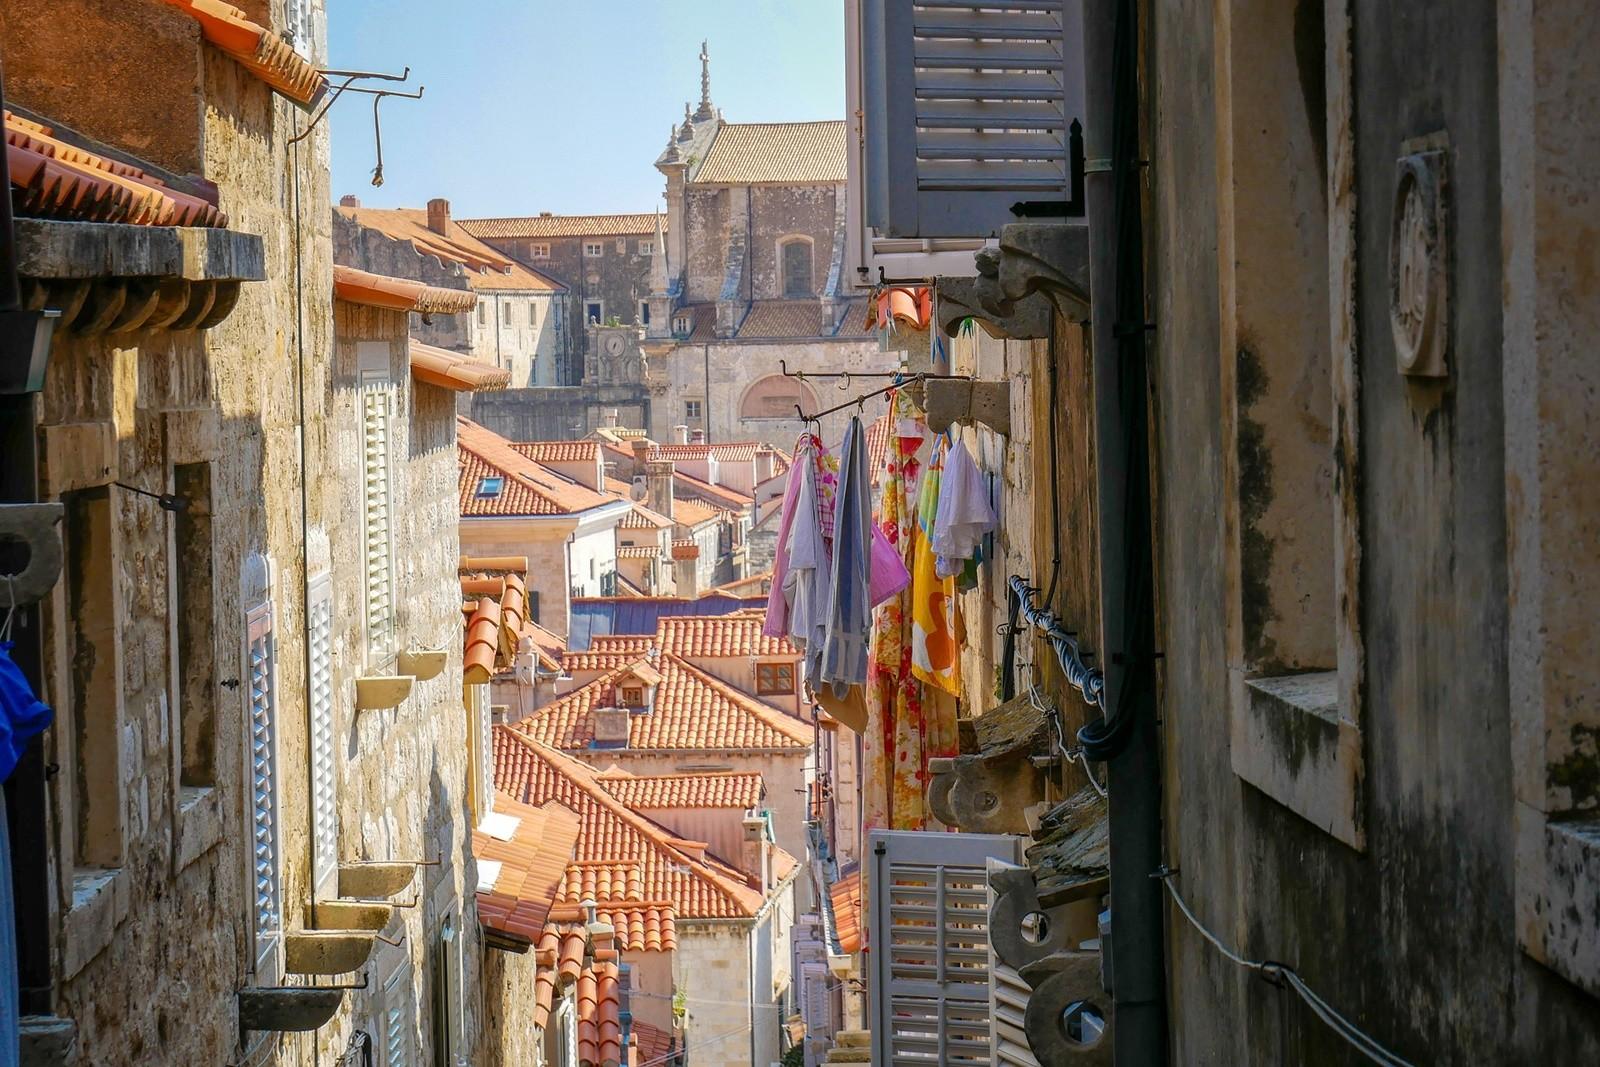 Pokrenuta javna nabava za Plan upravljanja zaštićenom spomeničkom cjelinom Grada Dubrovnika